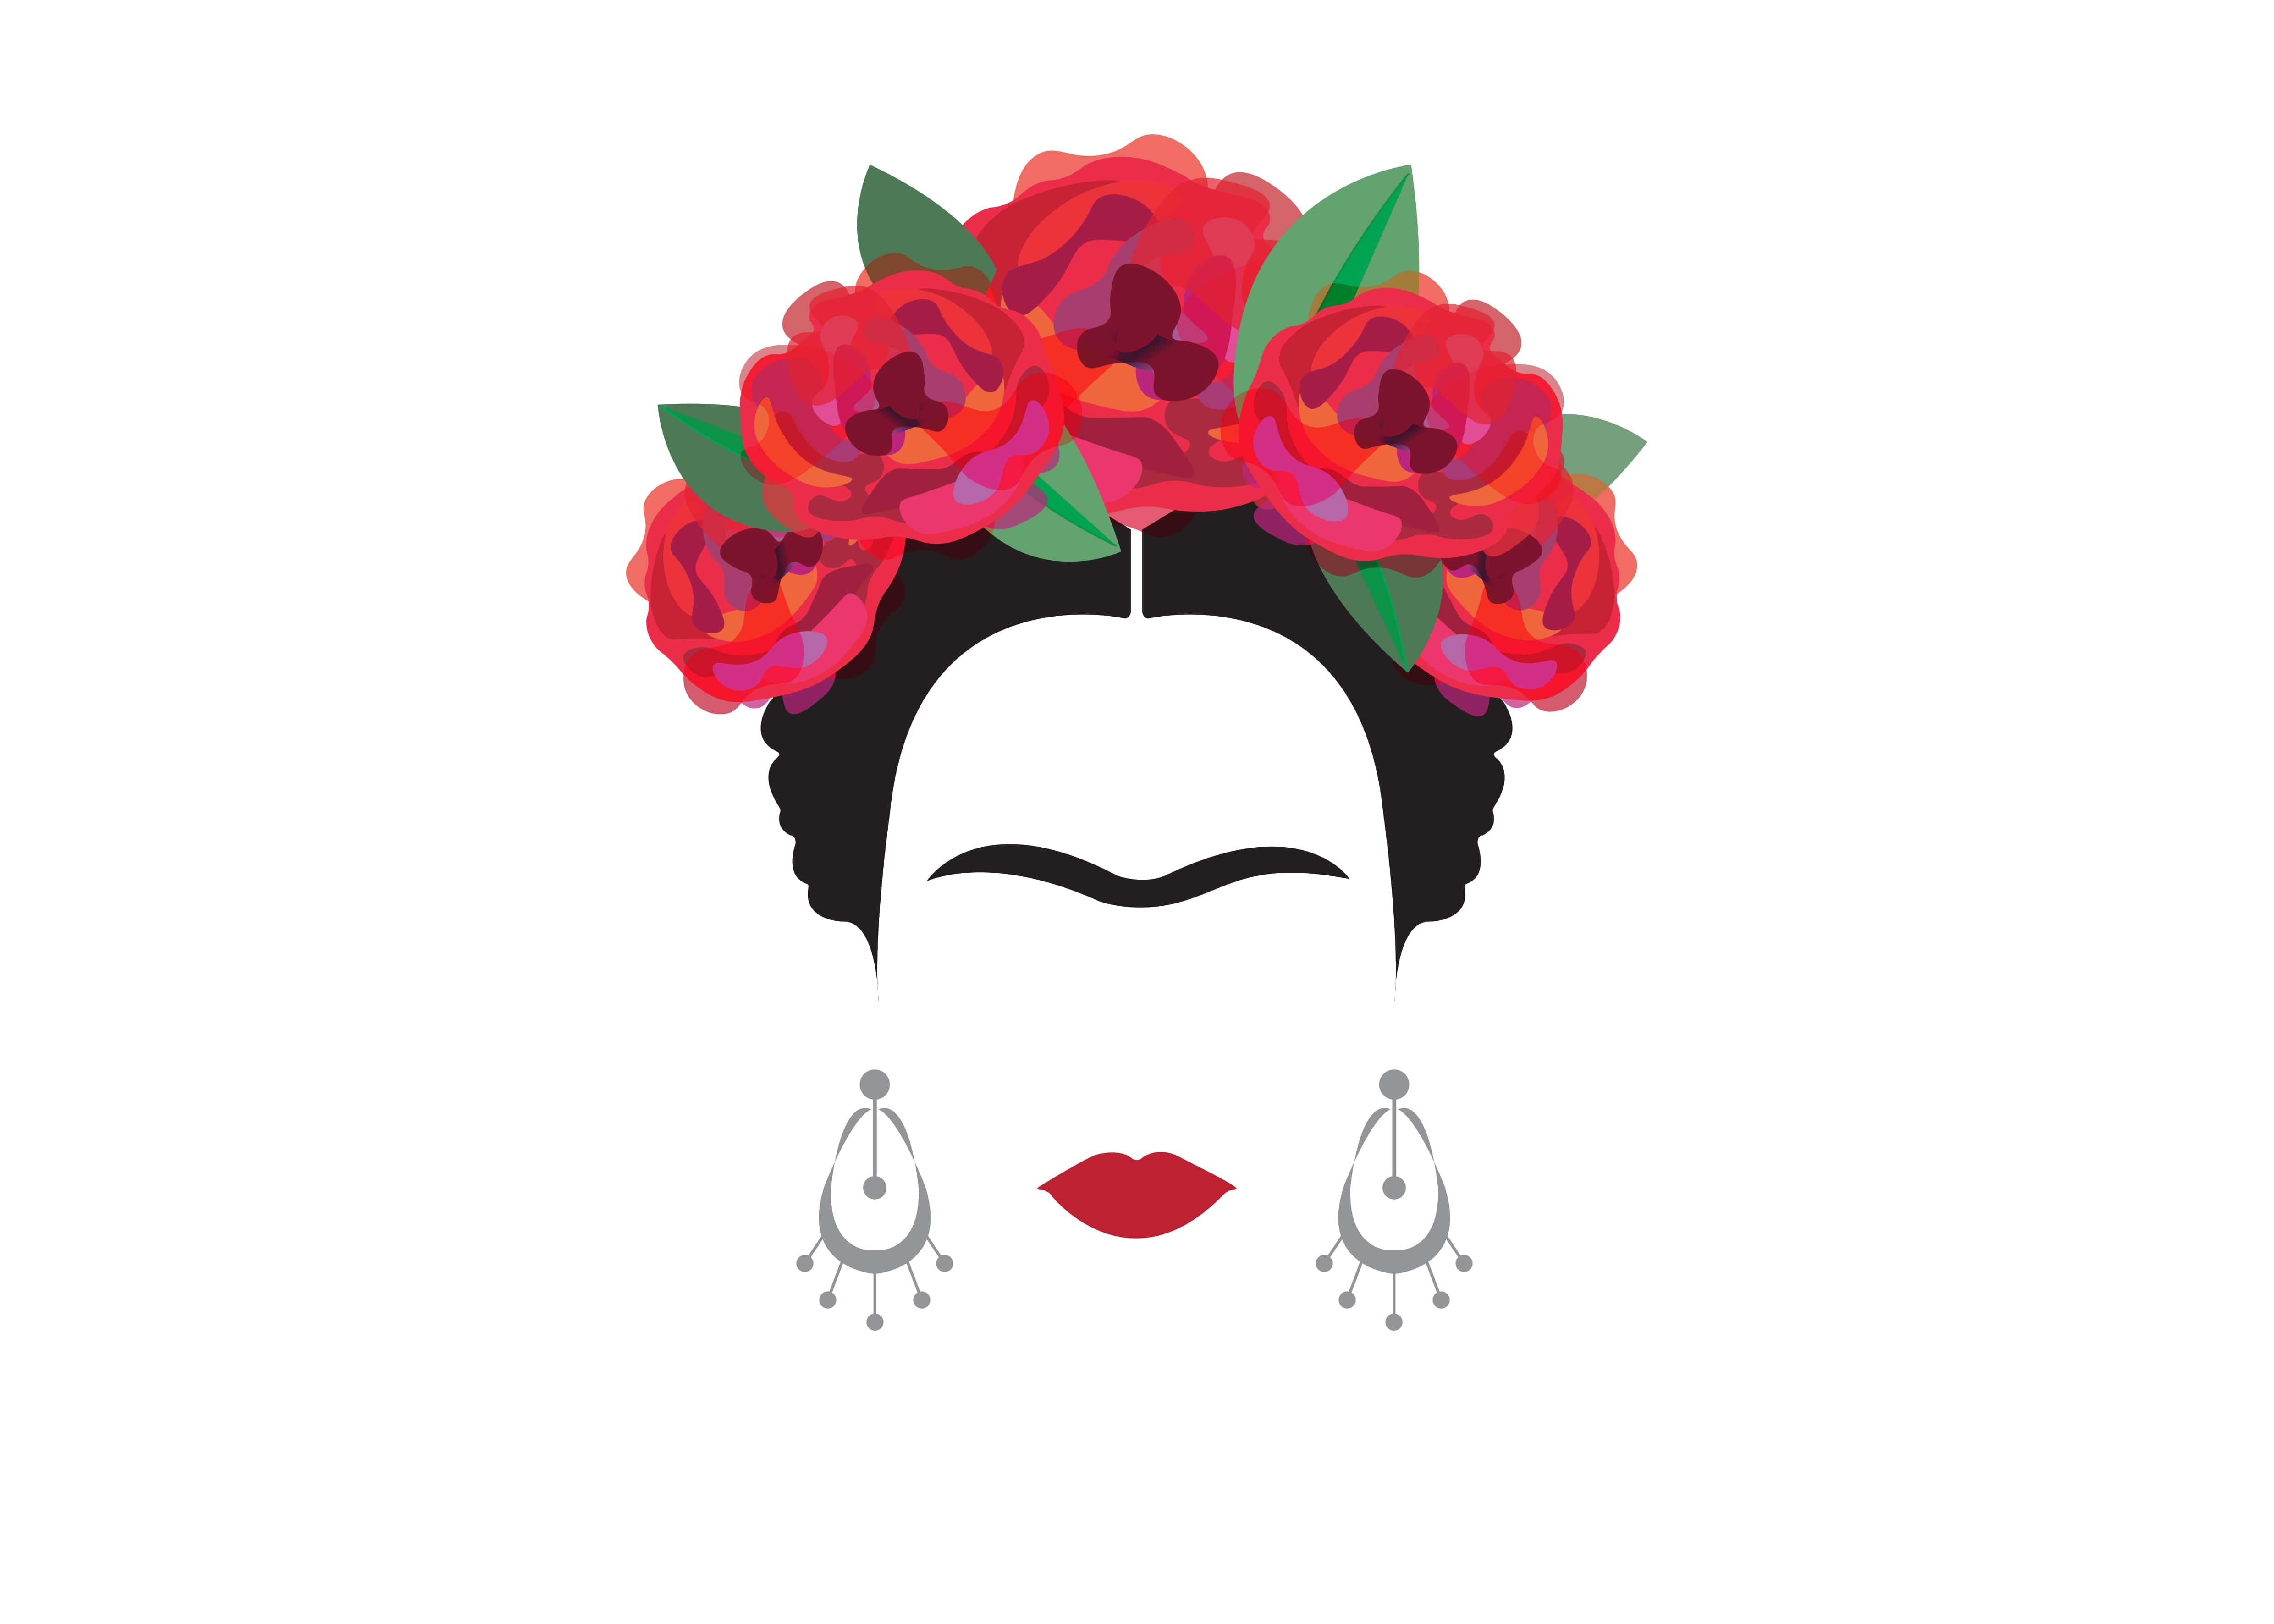 La vida de Frida Kahlo contada en sus mejores cuadros y curiosidades